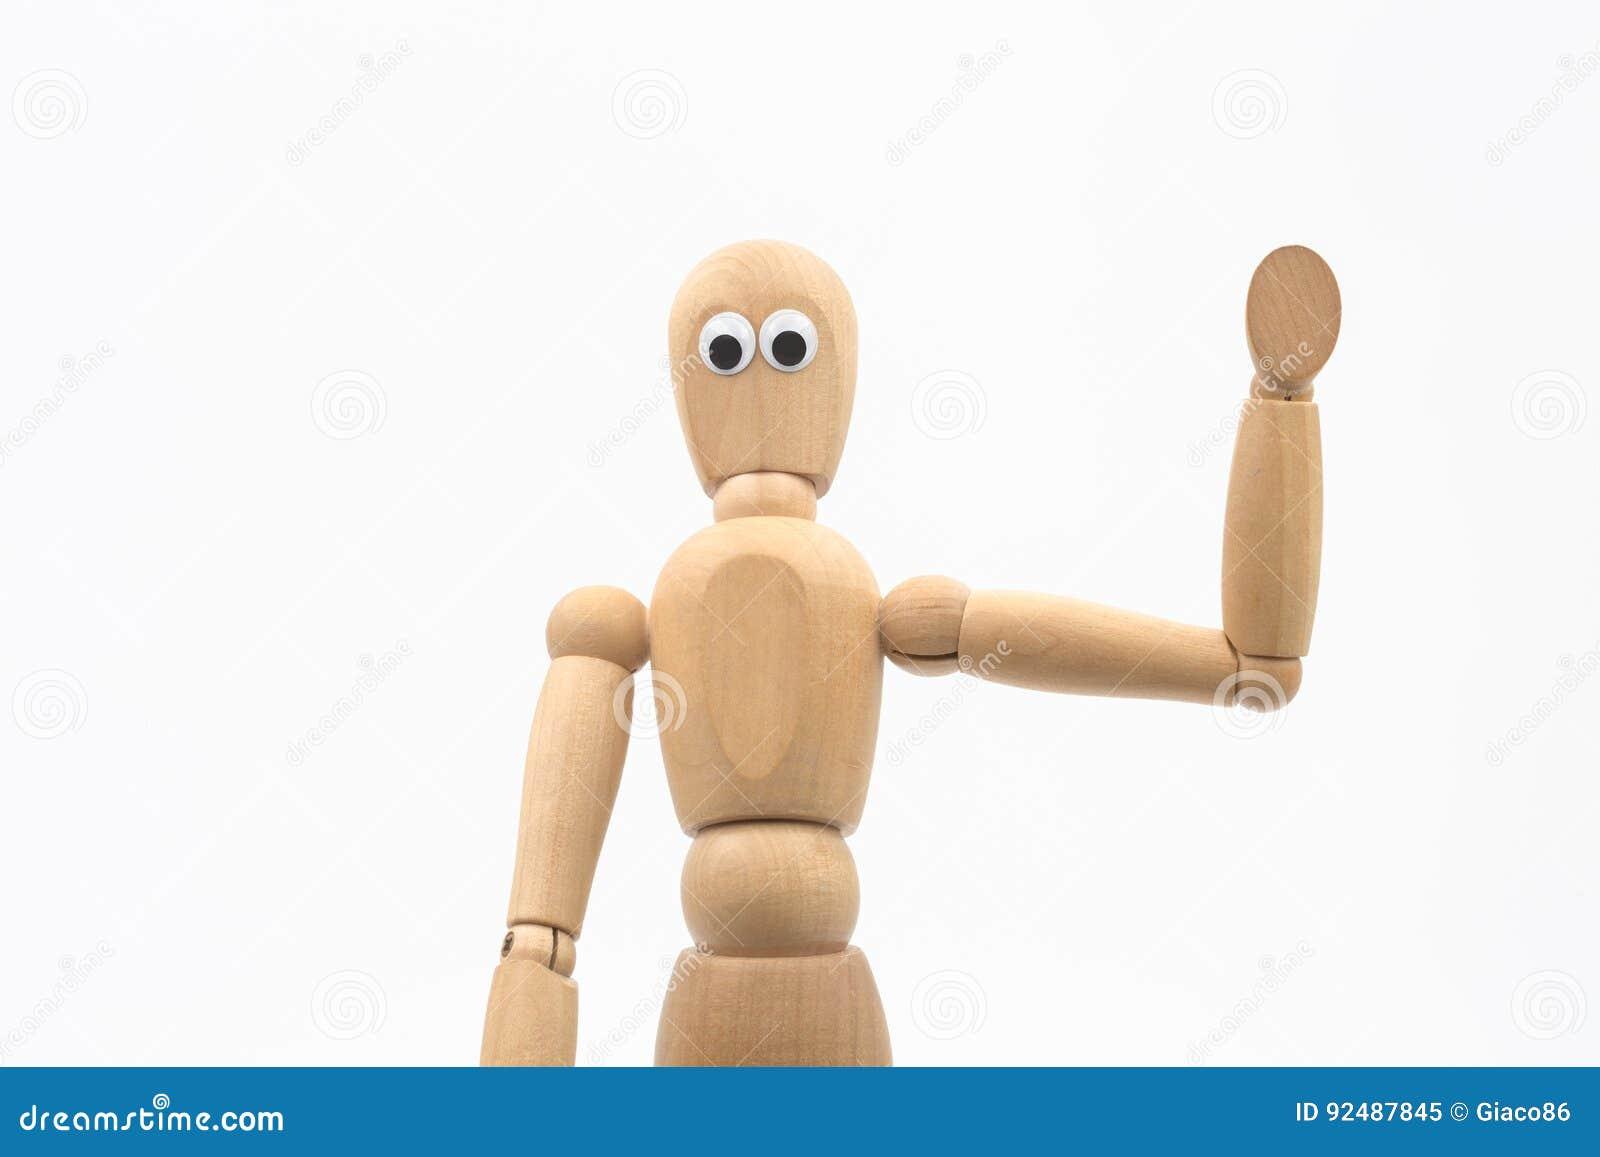 El maniquí de madera con los ojos googly dice hola - el fondo blanco